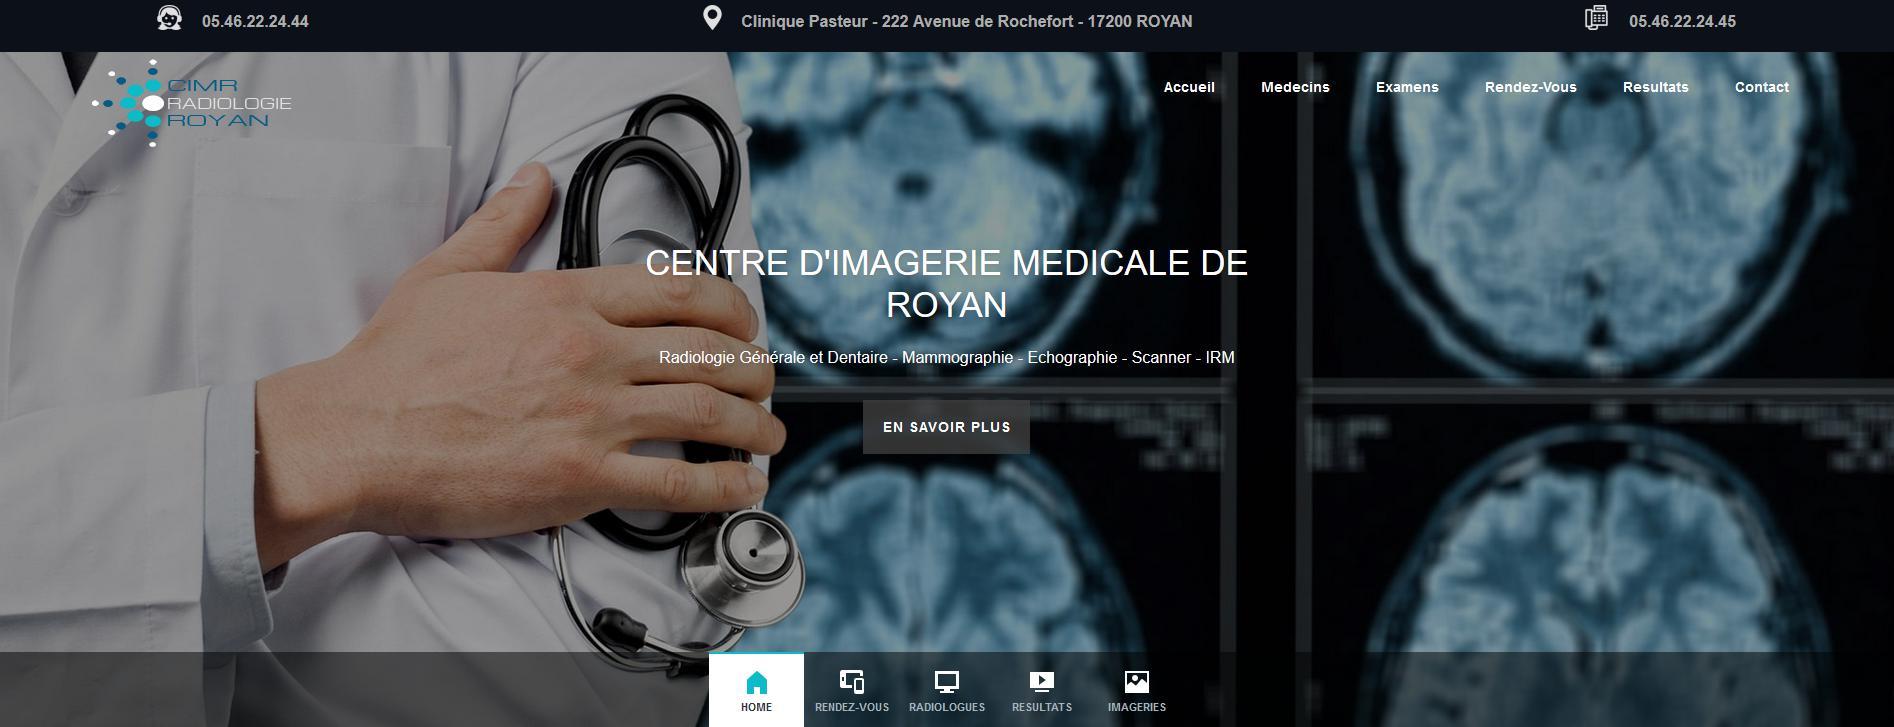 CENTRE D'IMAGERIE MEDICALE DE ROYAN